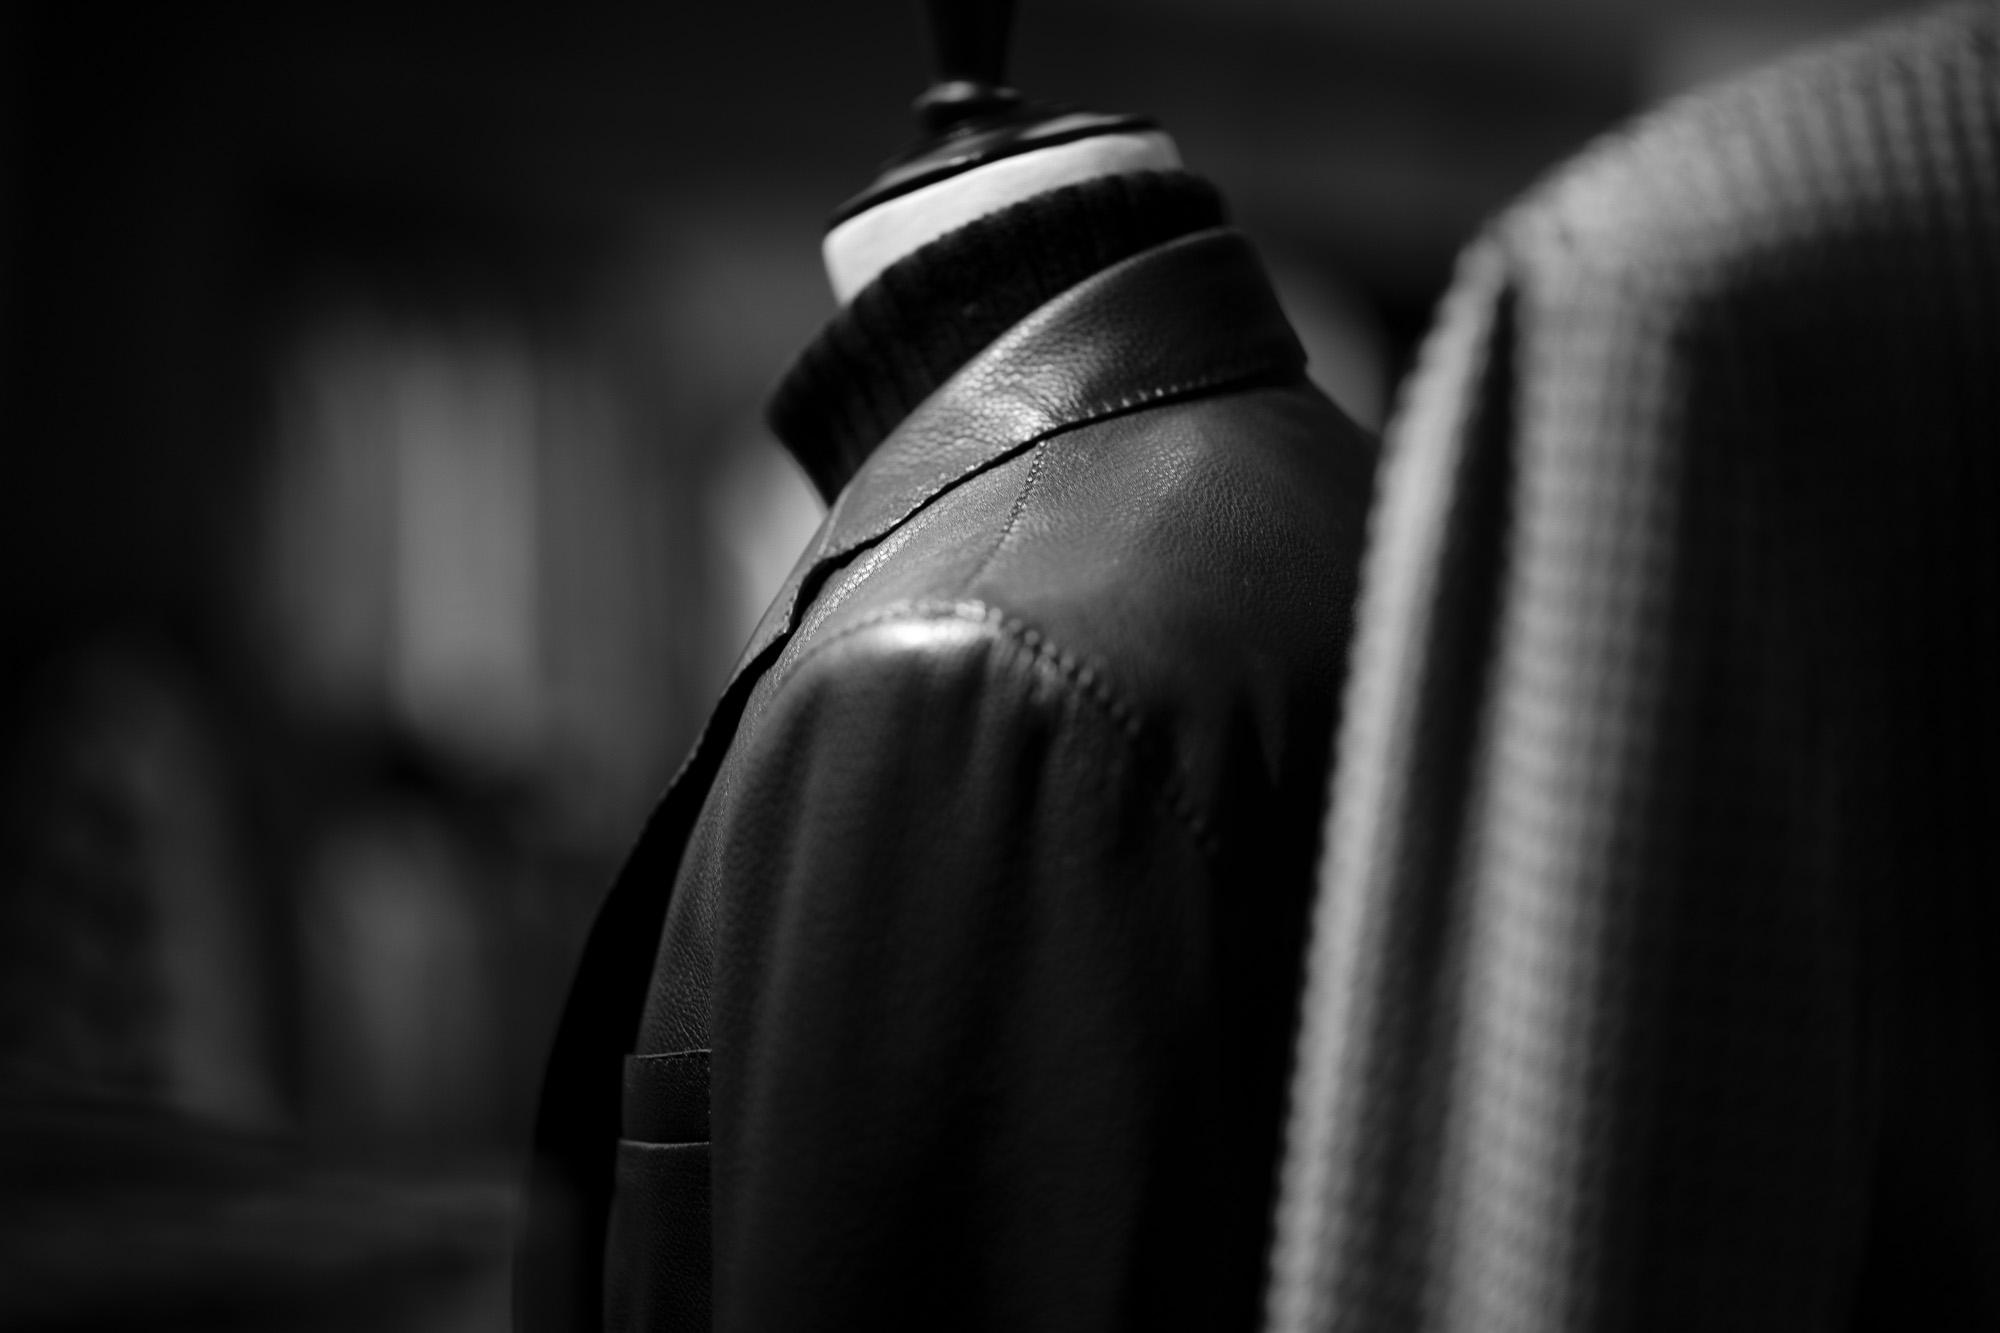 TAGLIATORE /// CARTON Lamb Leather 2020AW タリアトーレ カールトン ラムレザー テーラードレザージャケット ブラック ブラウン 愛知 名古屋 altoediritto アルトエデリット